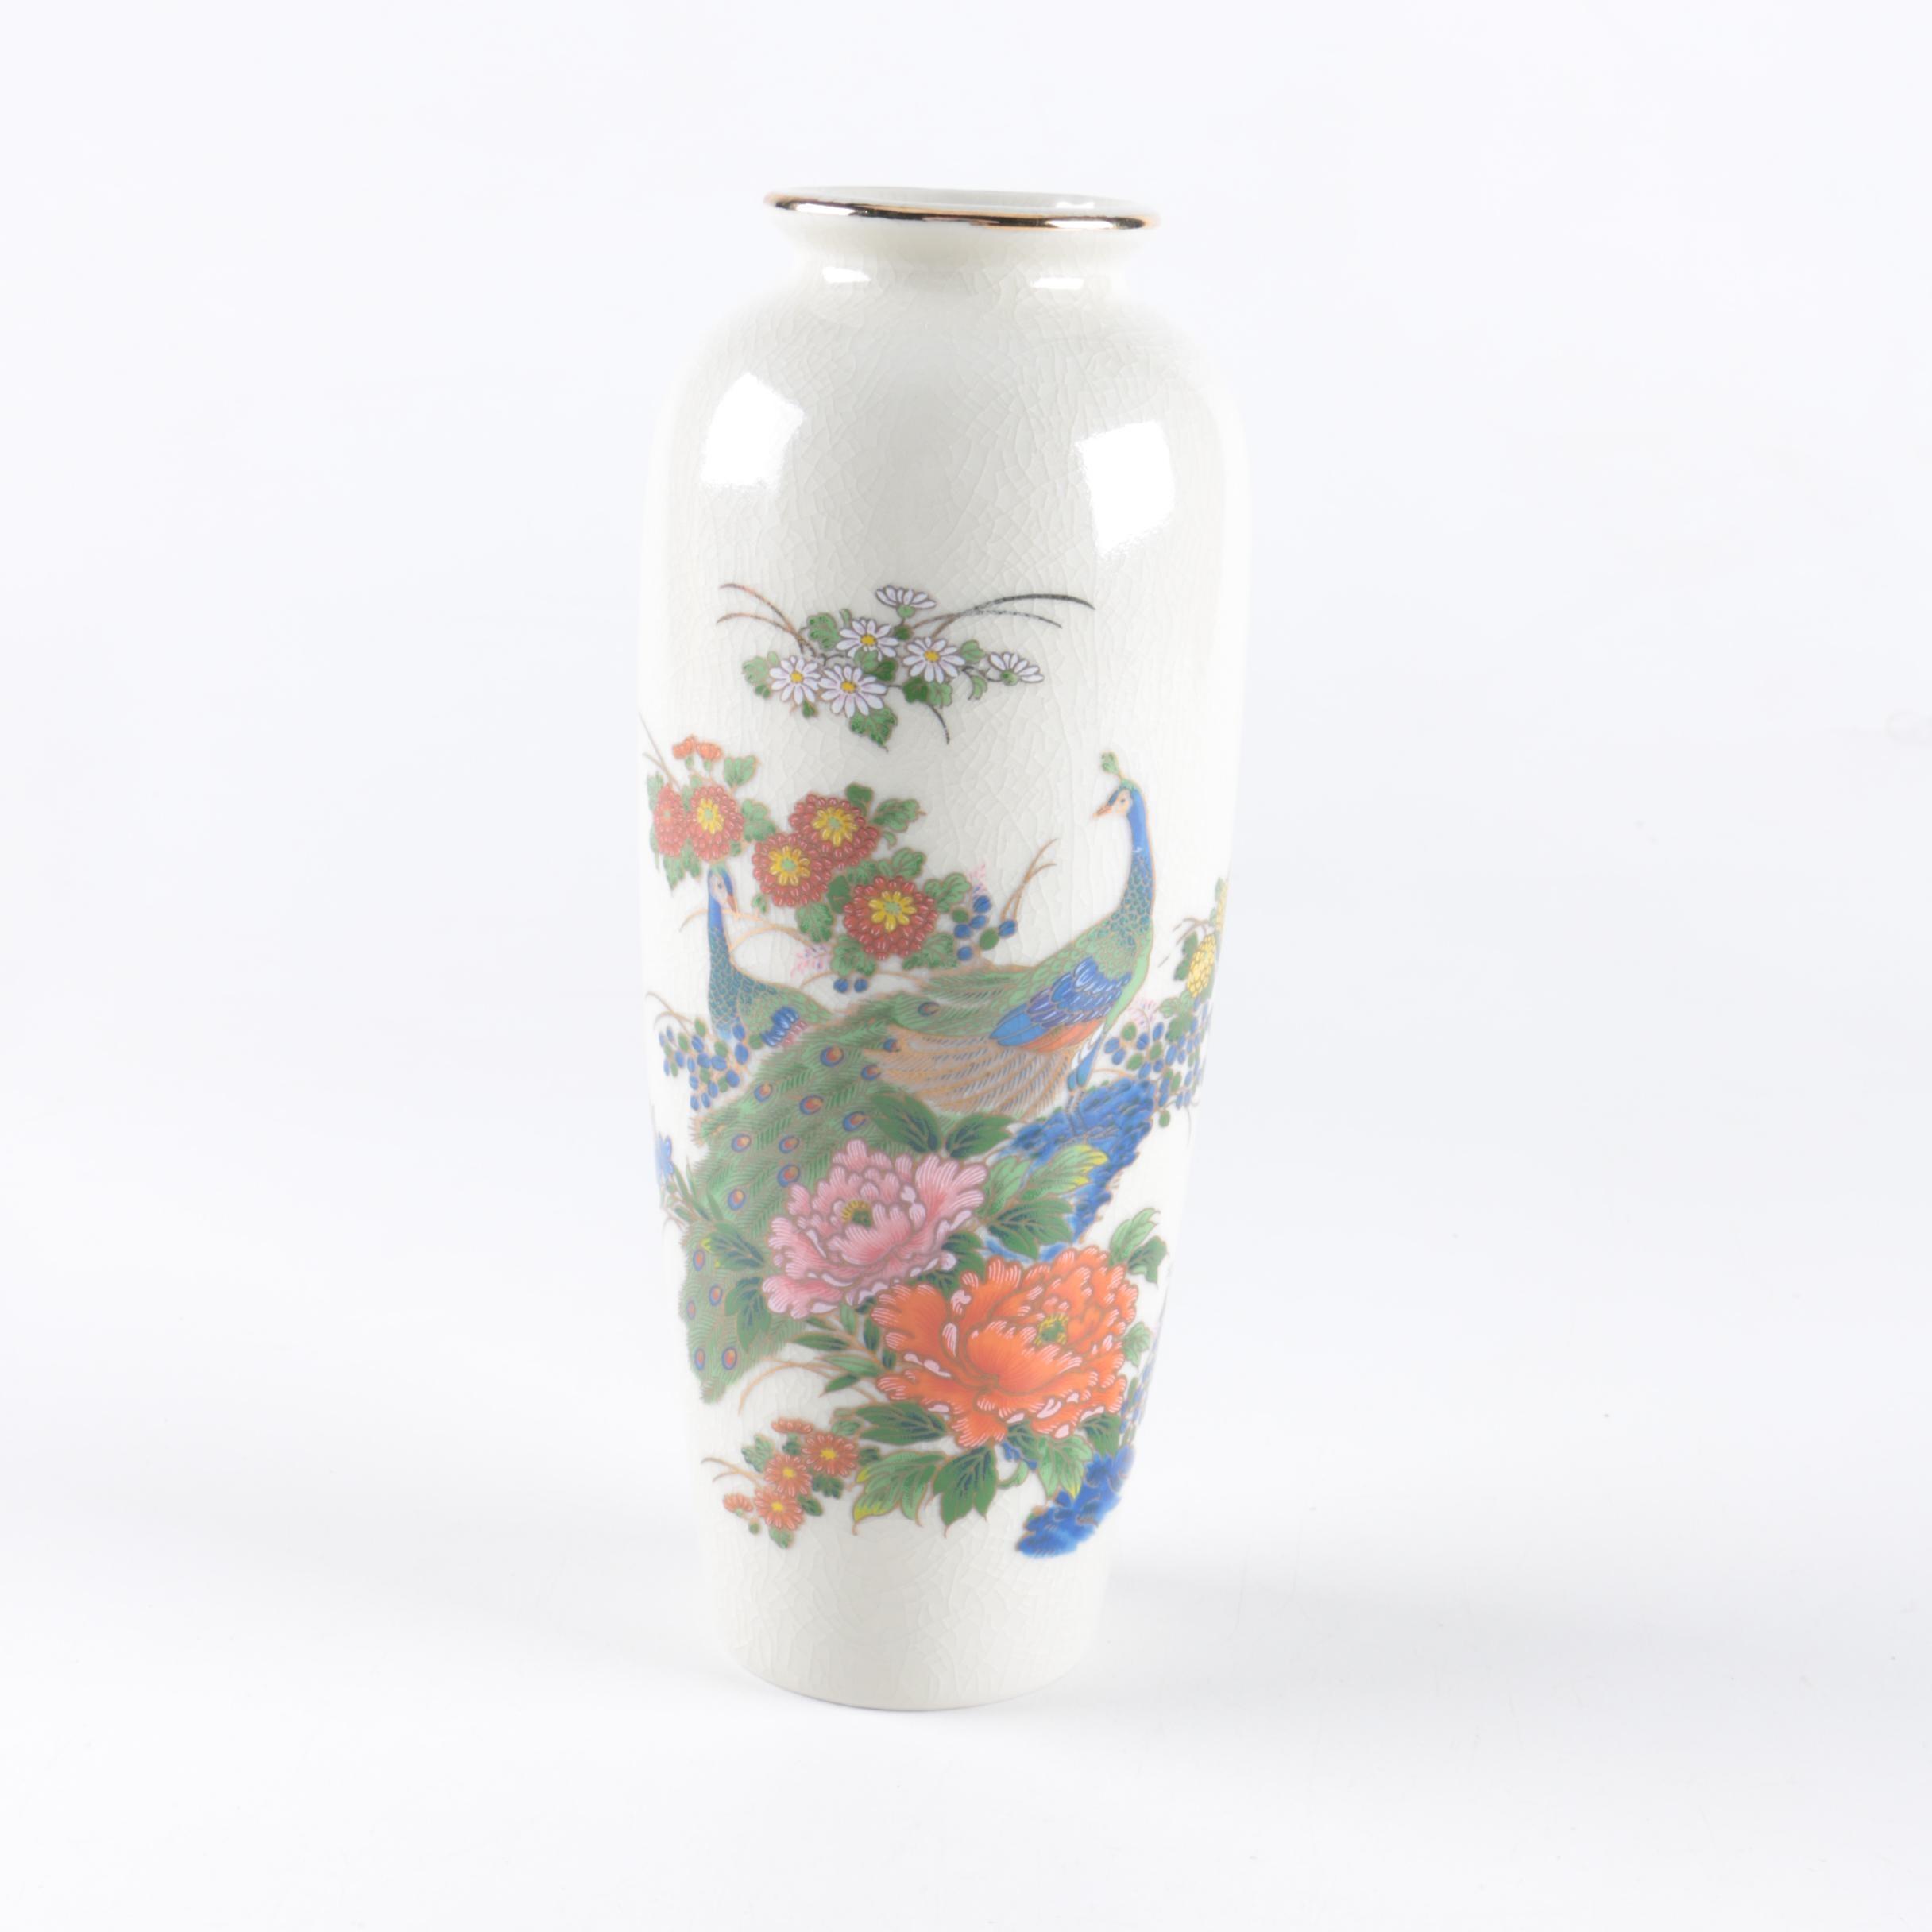 Japanese White Porcelain Vase